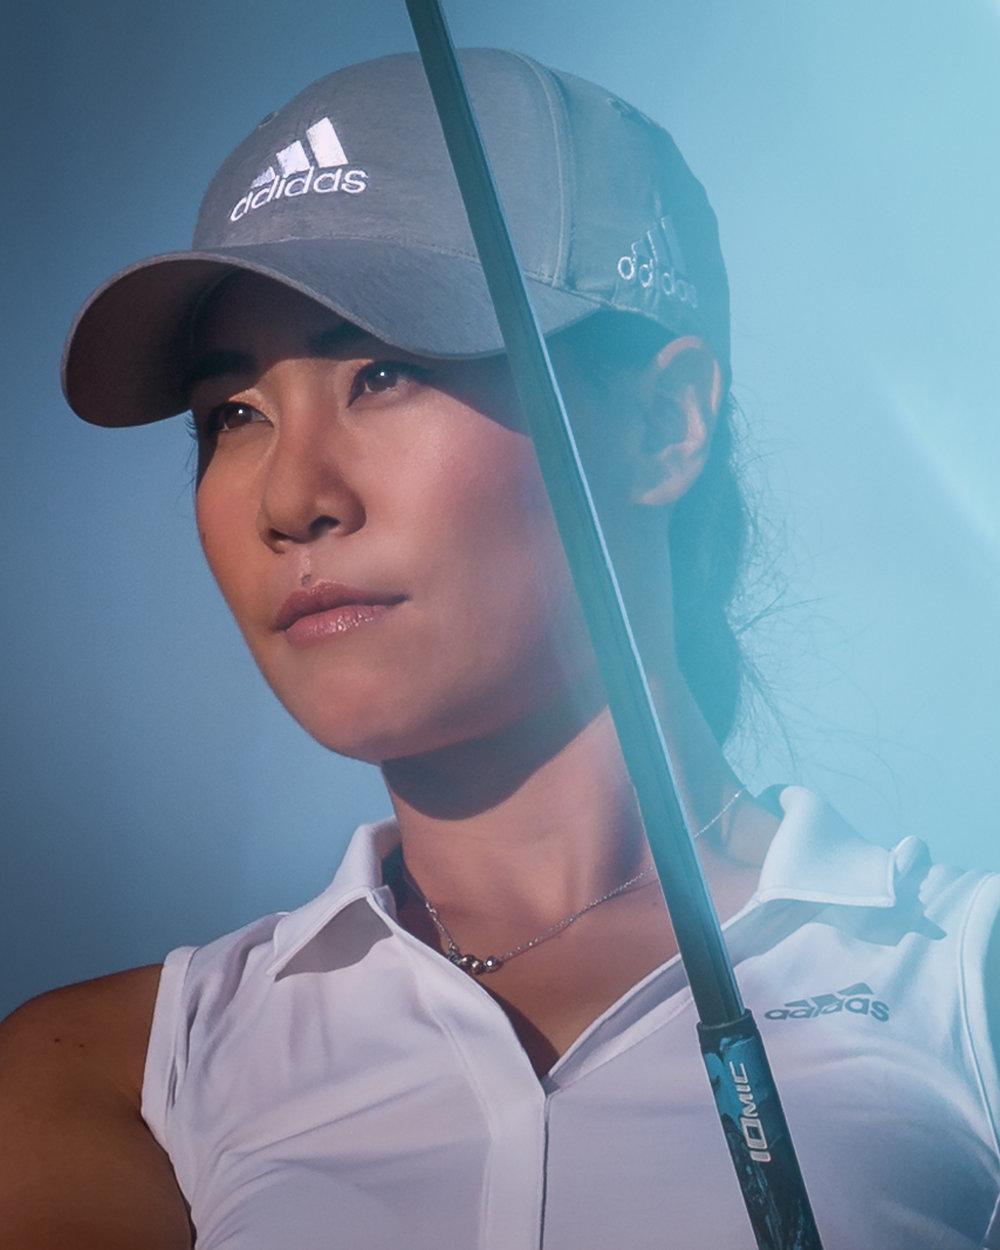 Danielle Kang, LPGA Golfer